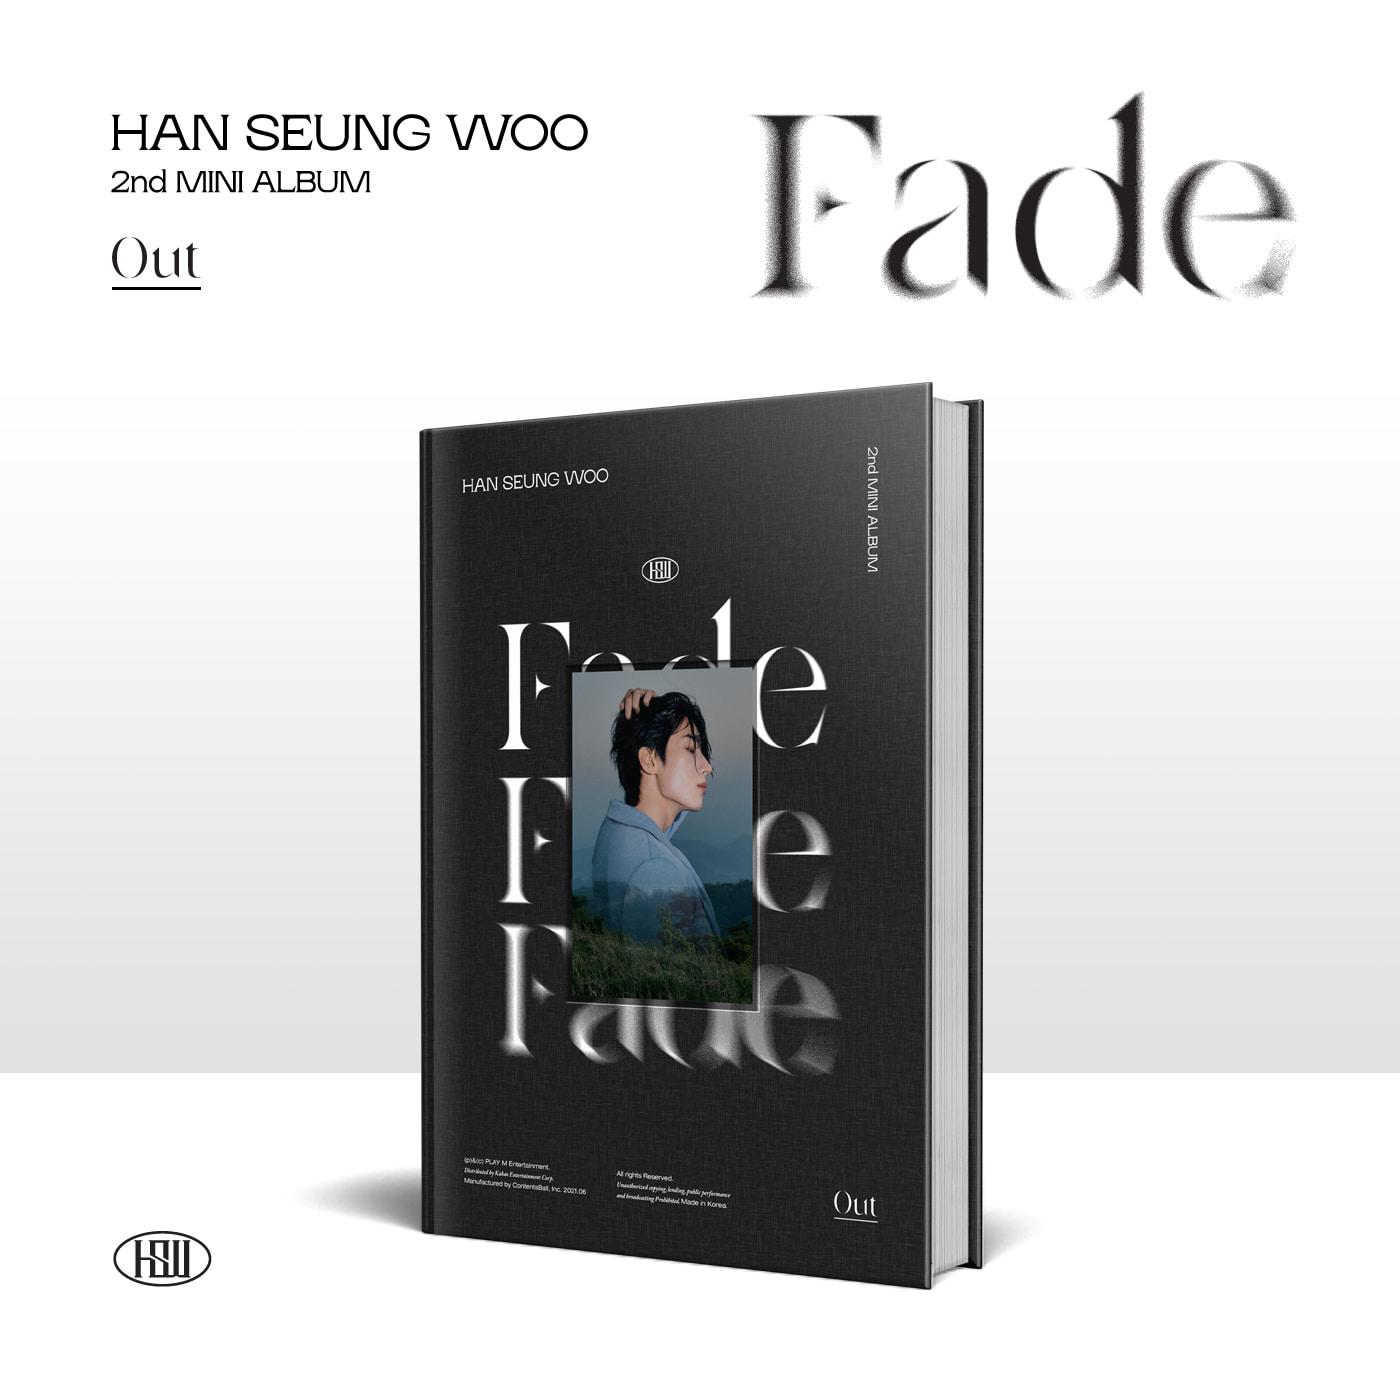 한승우(HAN SEUNG WOO) - 미니 2집 [Fade] (Out ver.)케이팝스토어(kpop store)